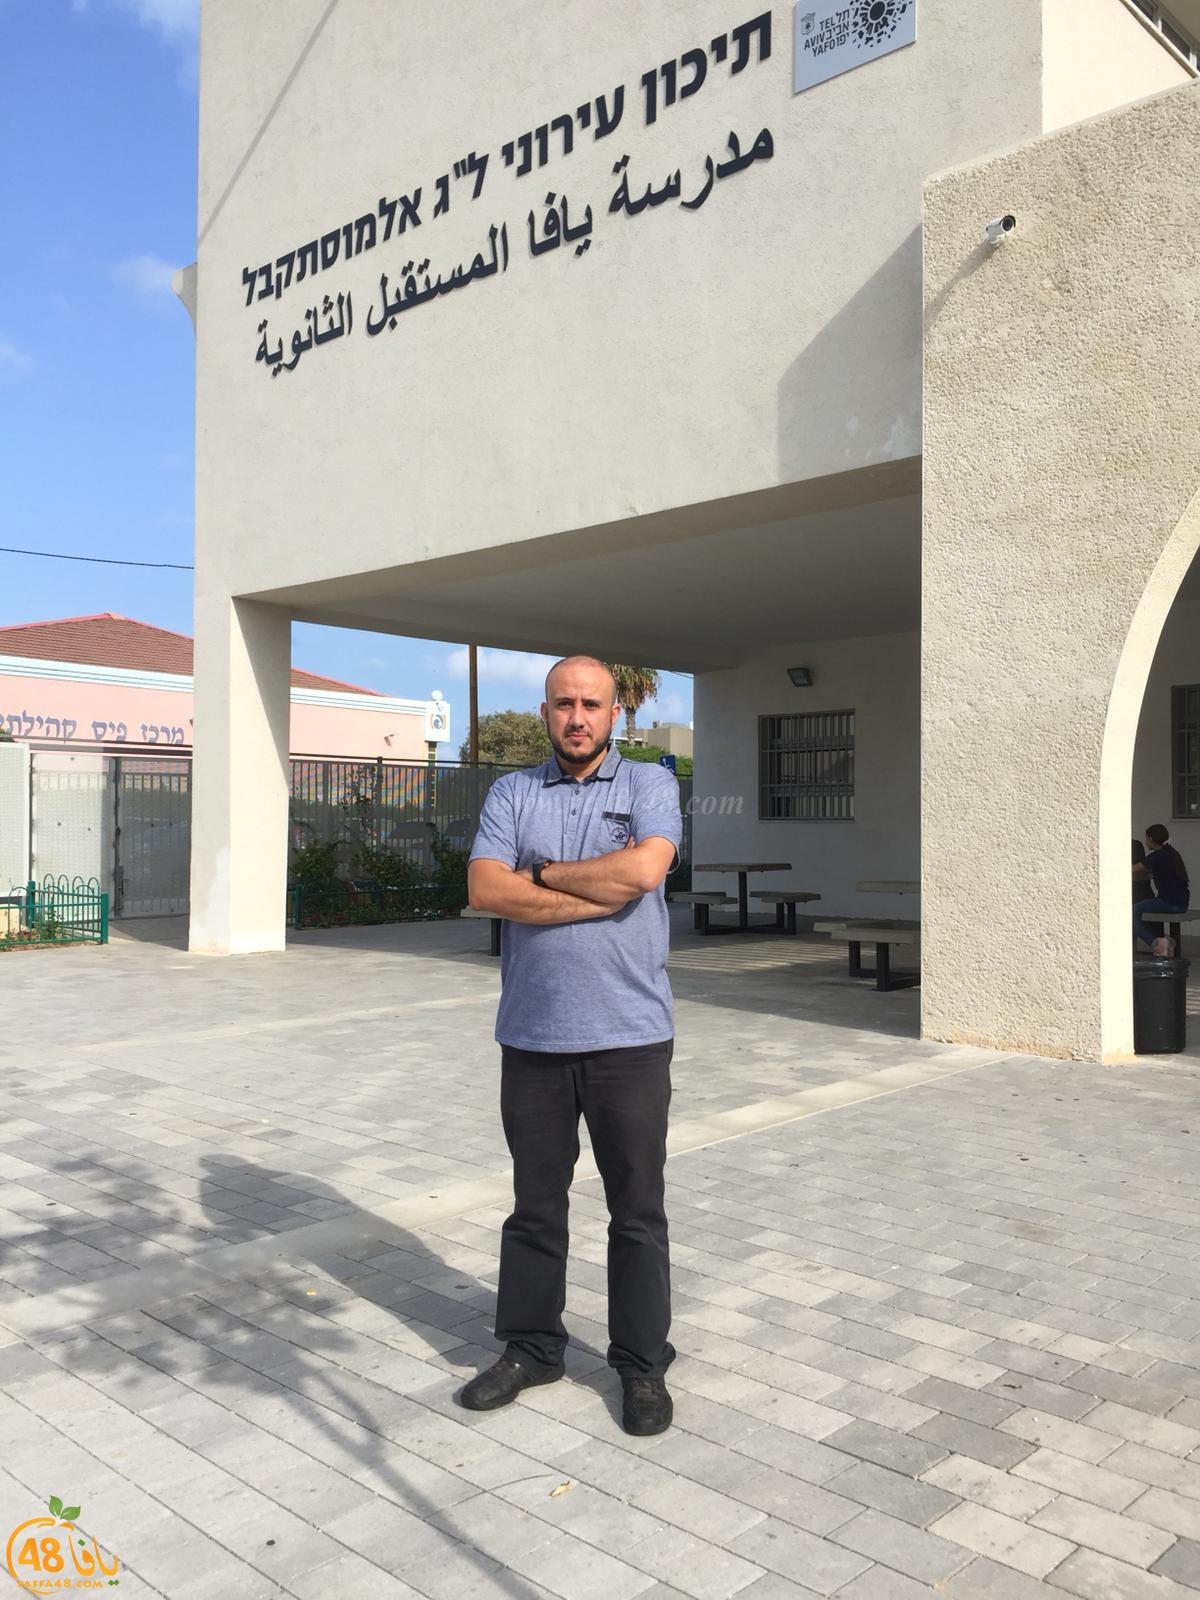 تعيين الاستاذ  هاني ابو رياش مديرًا للمرحلة الاعدادية في مدرسة يافا المستقبل